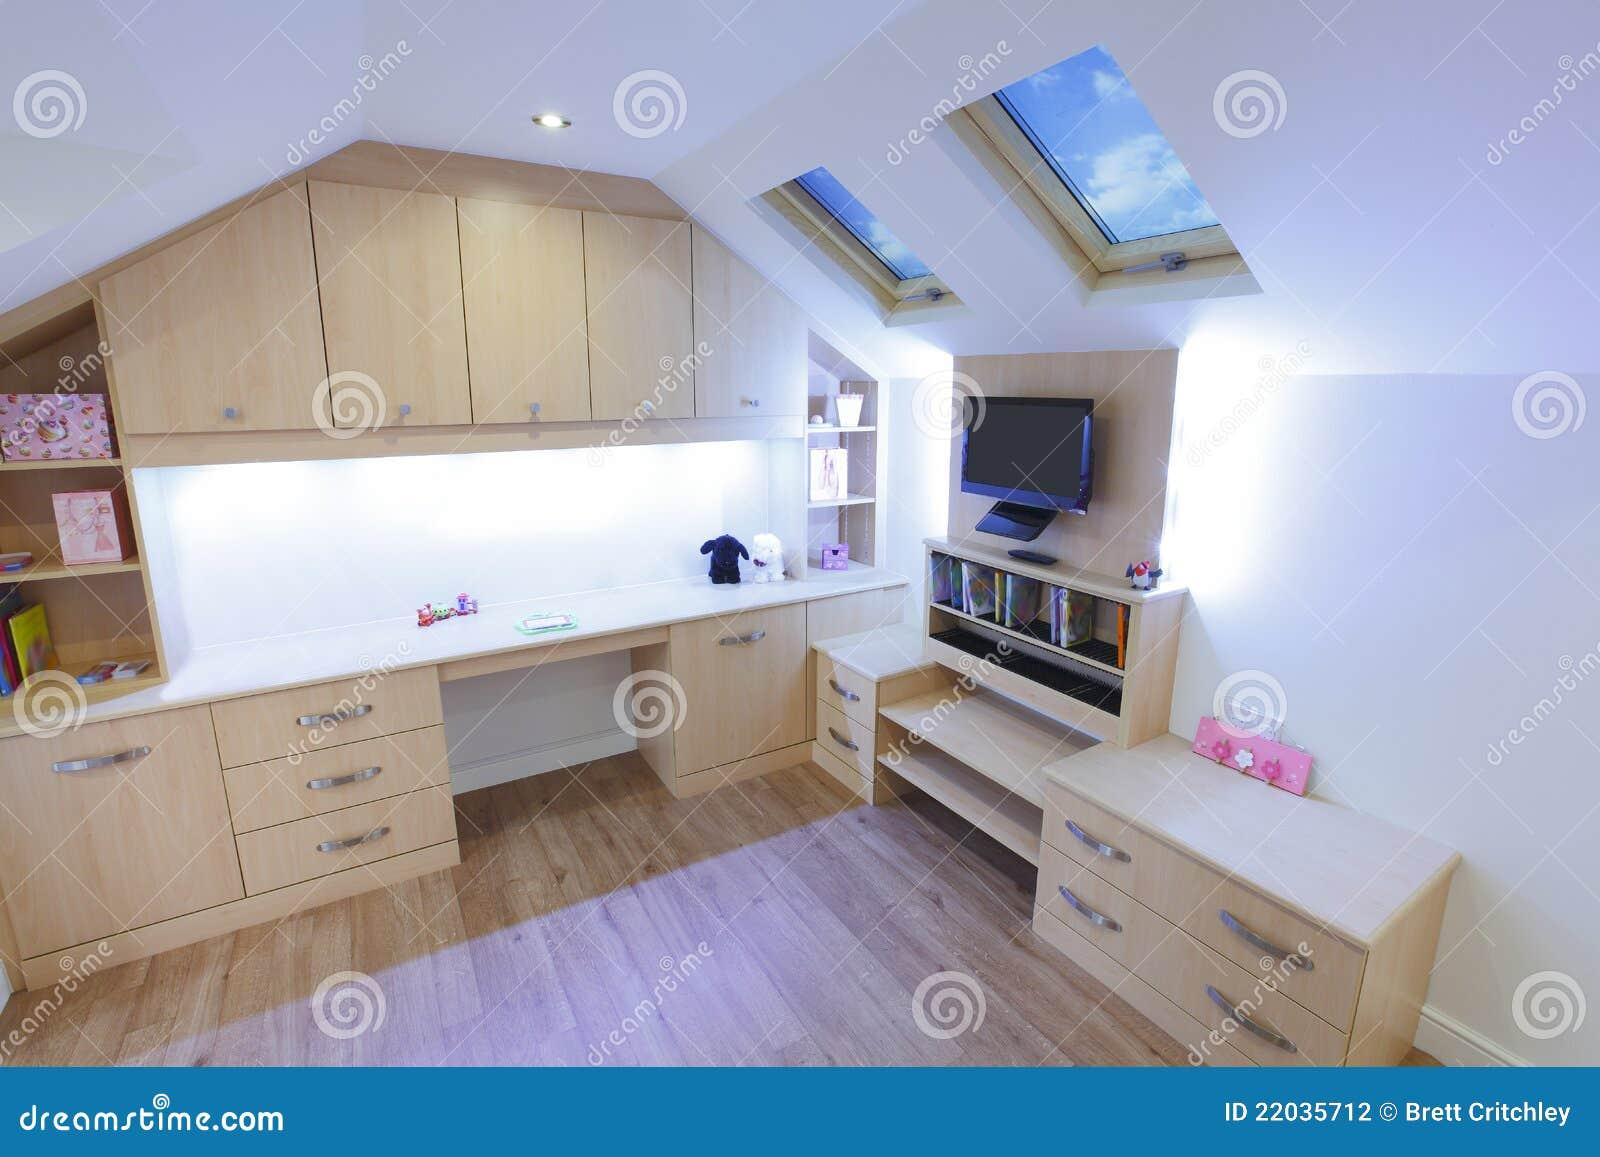 De slaapkamer van kinderen stock fotografie afbeelding 22035712 - Baby meisje slaapkamer foto ...